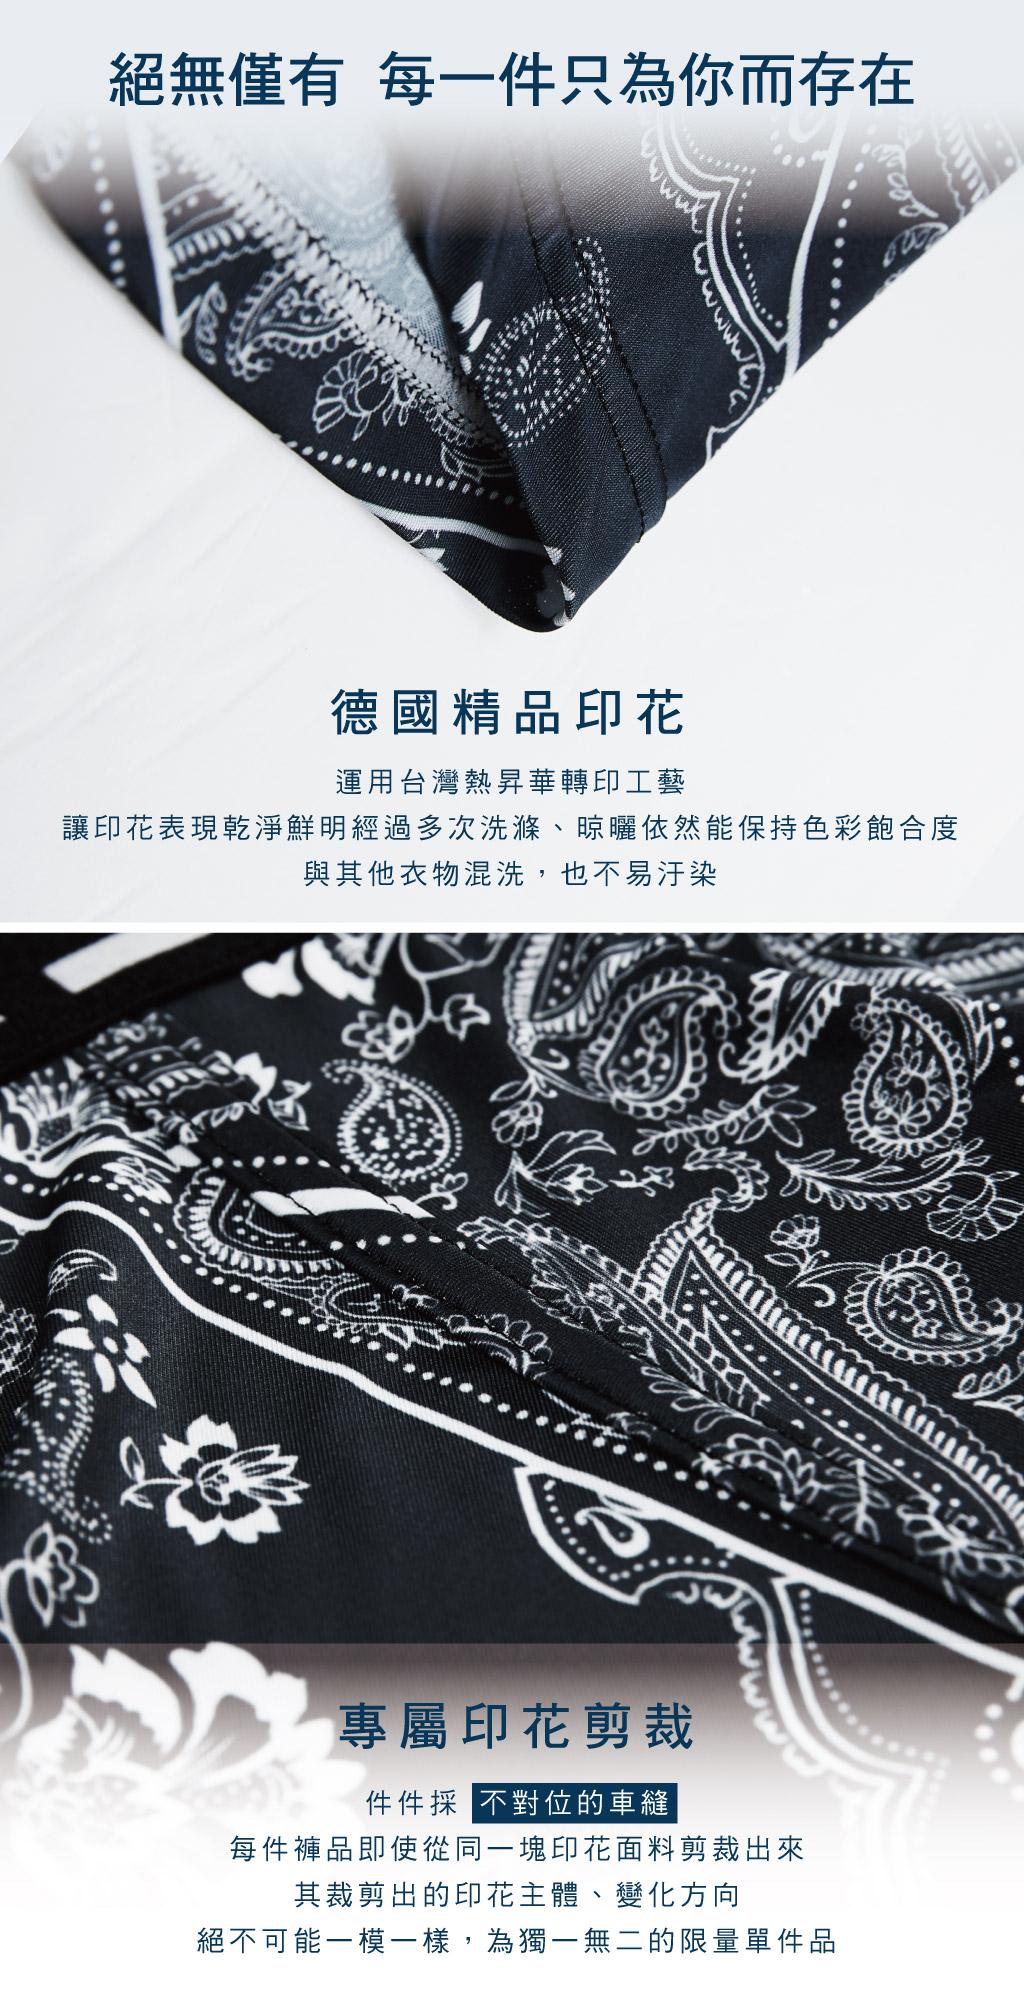 3GUN |男性時尚內衣褲MIT品牌-限量印花-黑爵男永效吸排平口褲